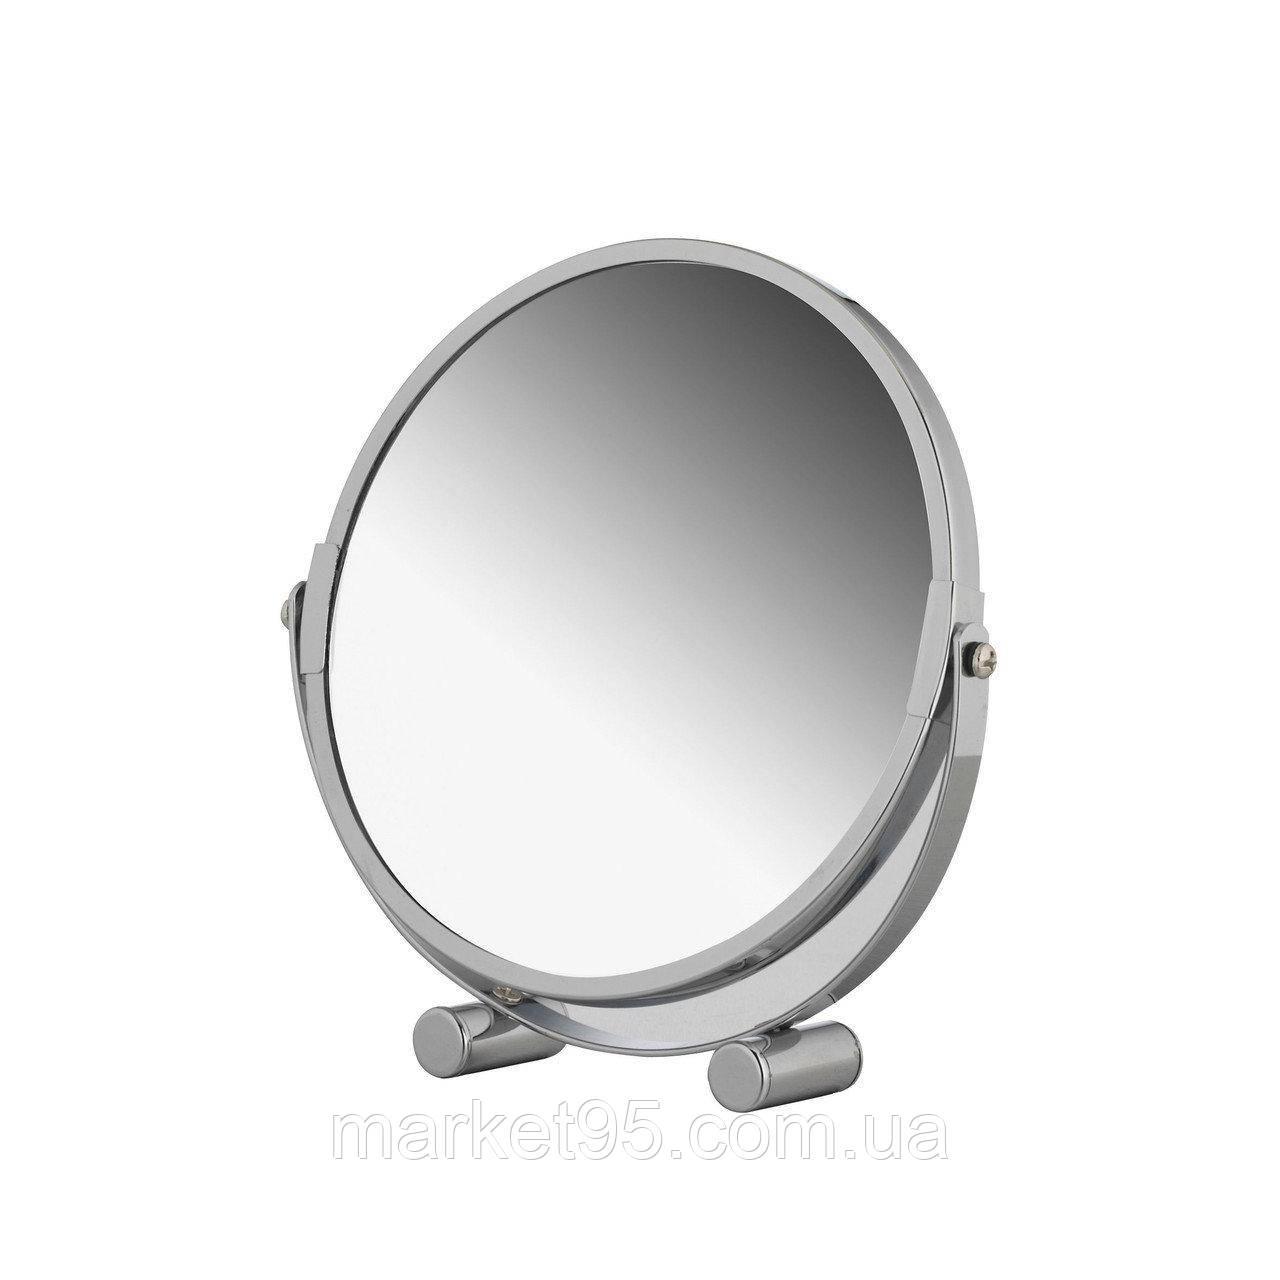 Косметическое зеркало 19x4x19 см